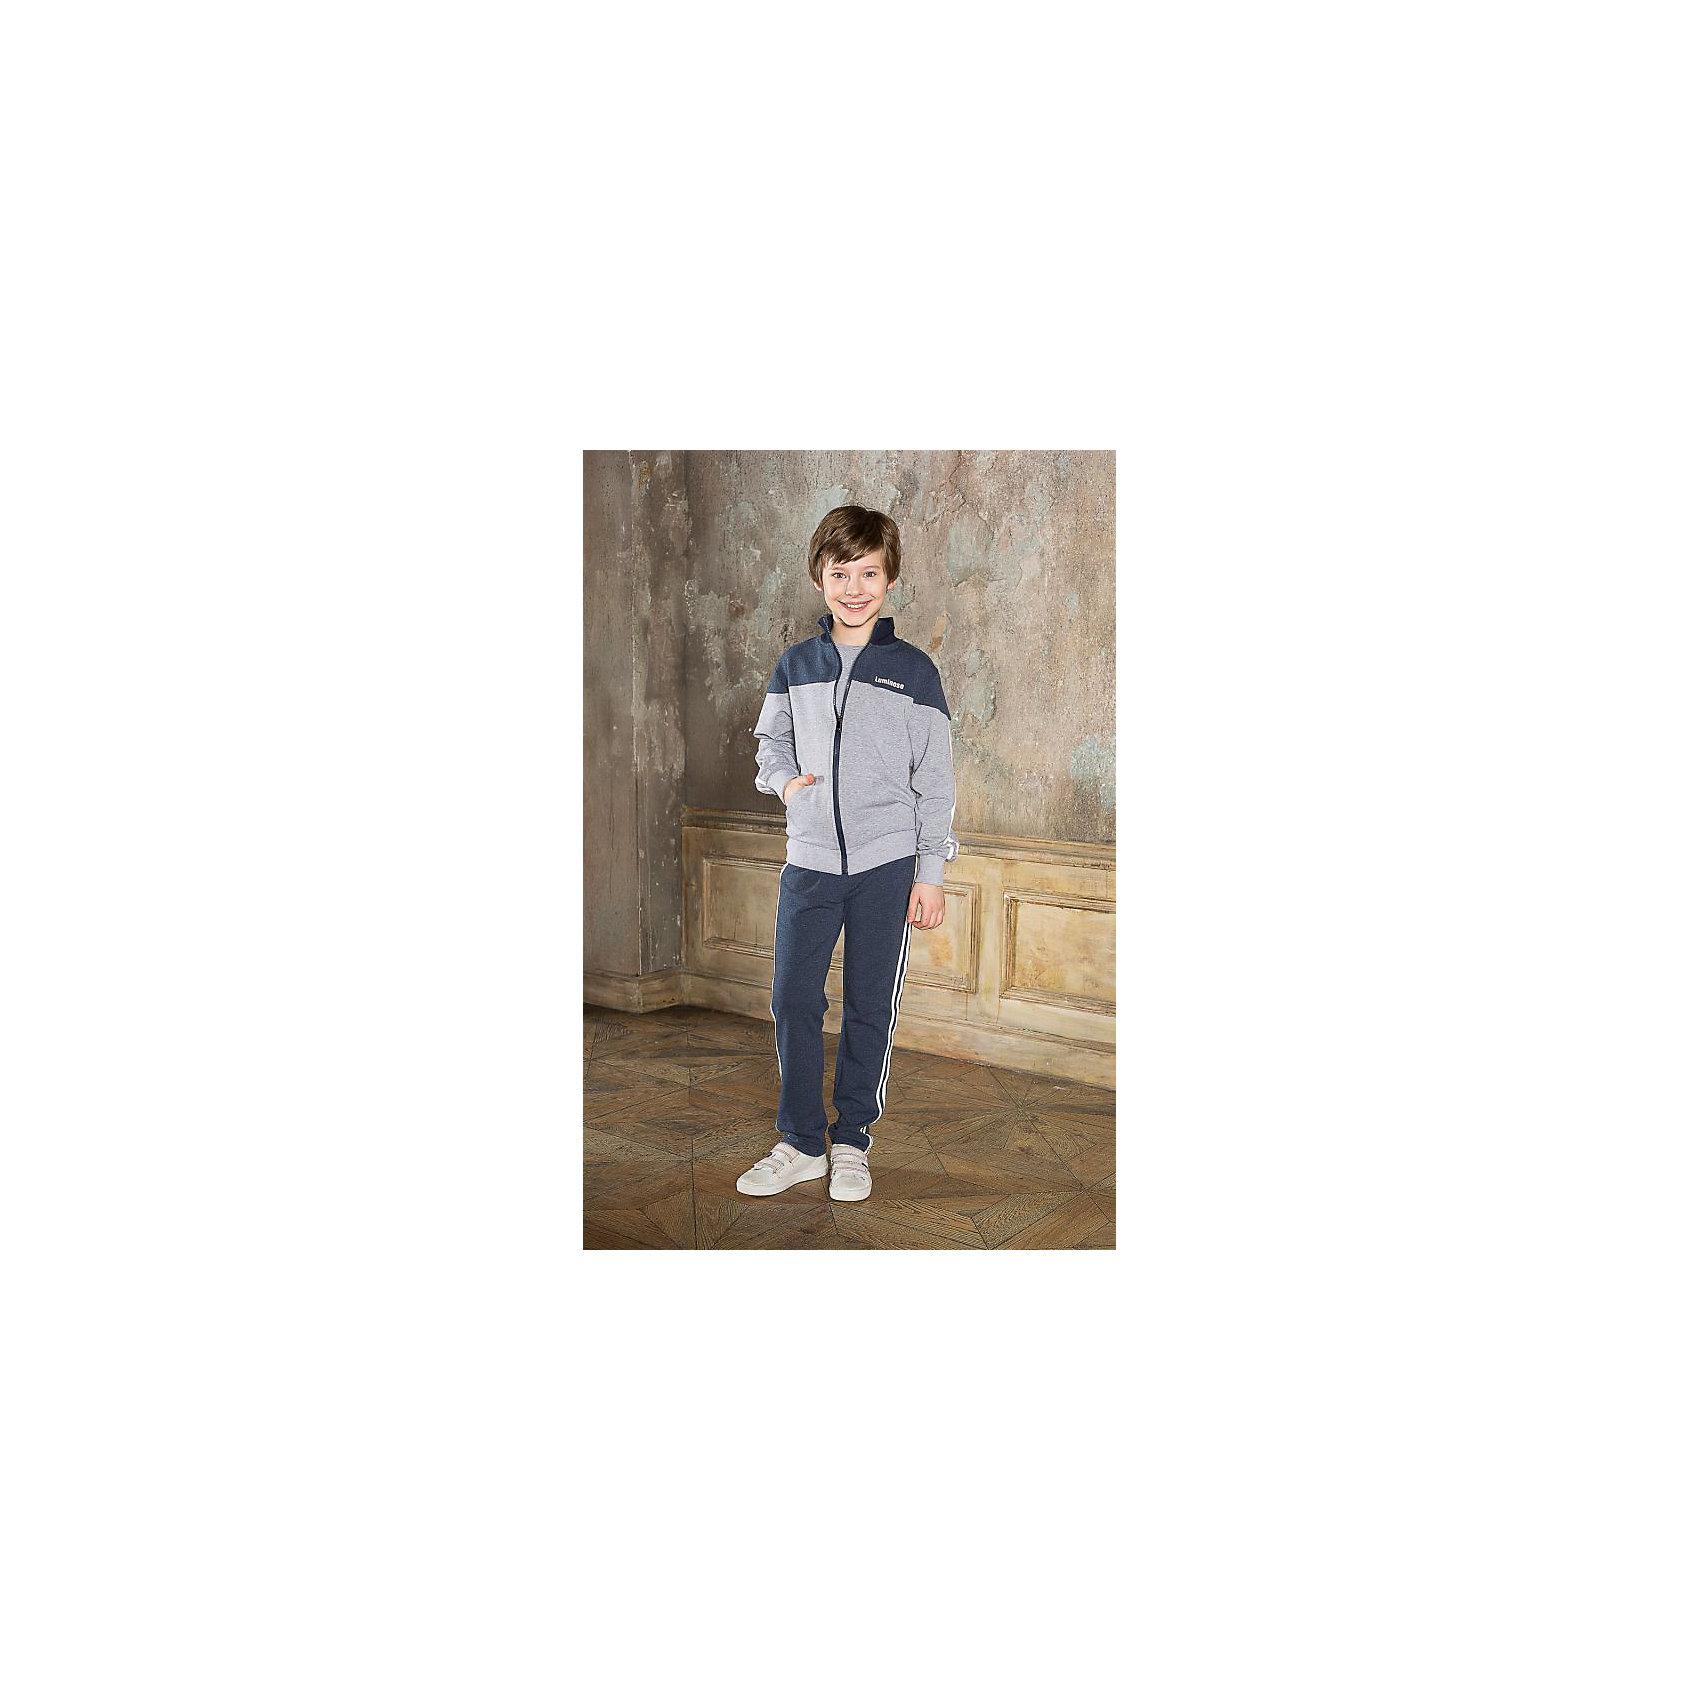 Спортивный костюм для мальчика LuminosoСпортивный костюм для мальчика от известного бренда Luminoso<br>Трикотажный спортивный костюм для мальчика с воротником-стойка и с лампасами. Брюки прямого кроя с брендированными шнурками на поясе.<br>Состав:<br>95% хлопок, 5% эластан<br><br>Ширина мм: 247<br>Глубина мм: 16<br>Высота мм: 140<br>Вес г: 225<br>Цвет: серый<br>Возраст от месяцев: 156<br>Возраст до месяцев: 168<br>Пол: Мужской<br>Возраст: Детский<br>Размер: 164,134,128,158,152,146,140<br>SKU: 4729109